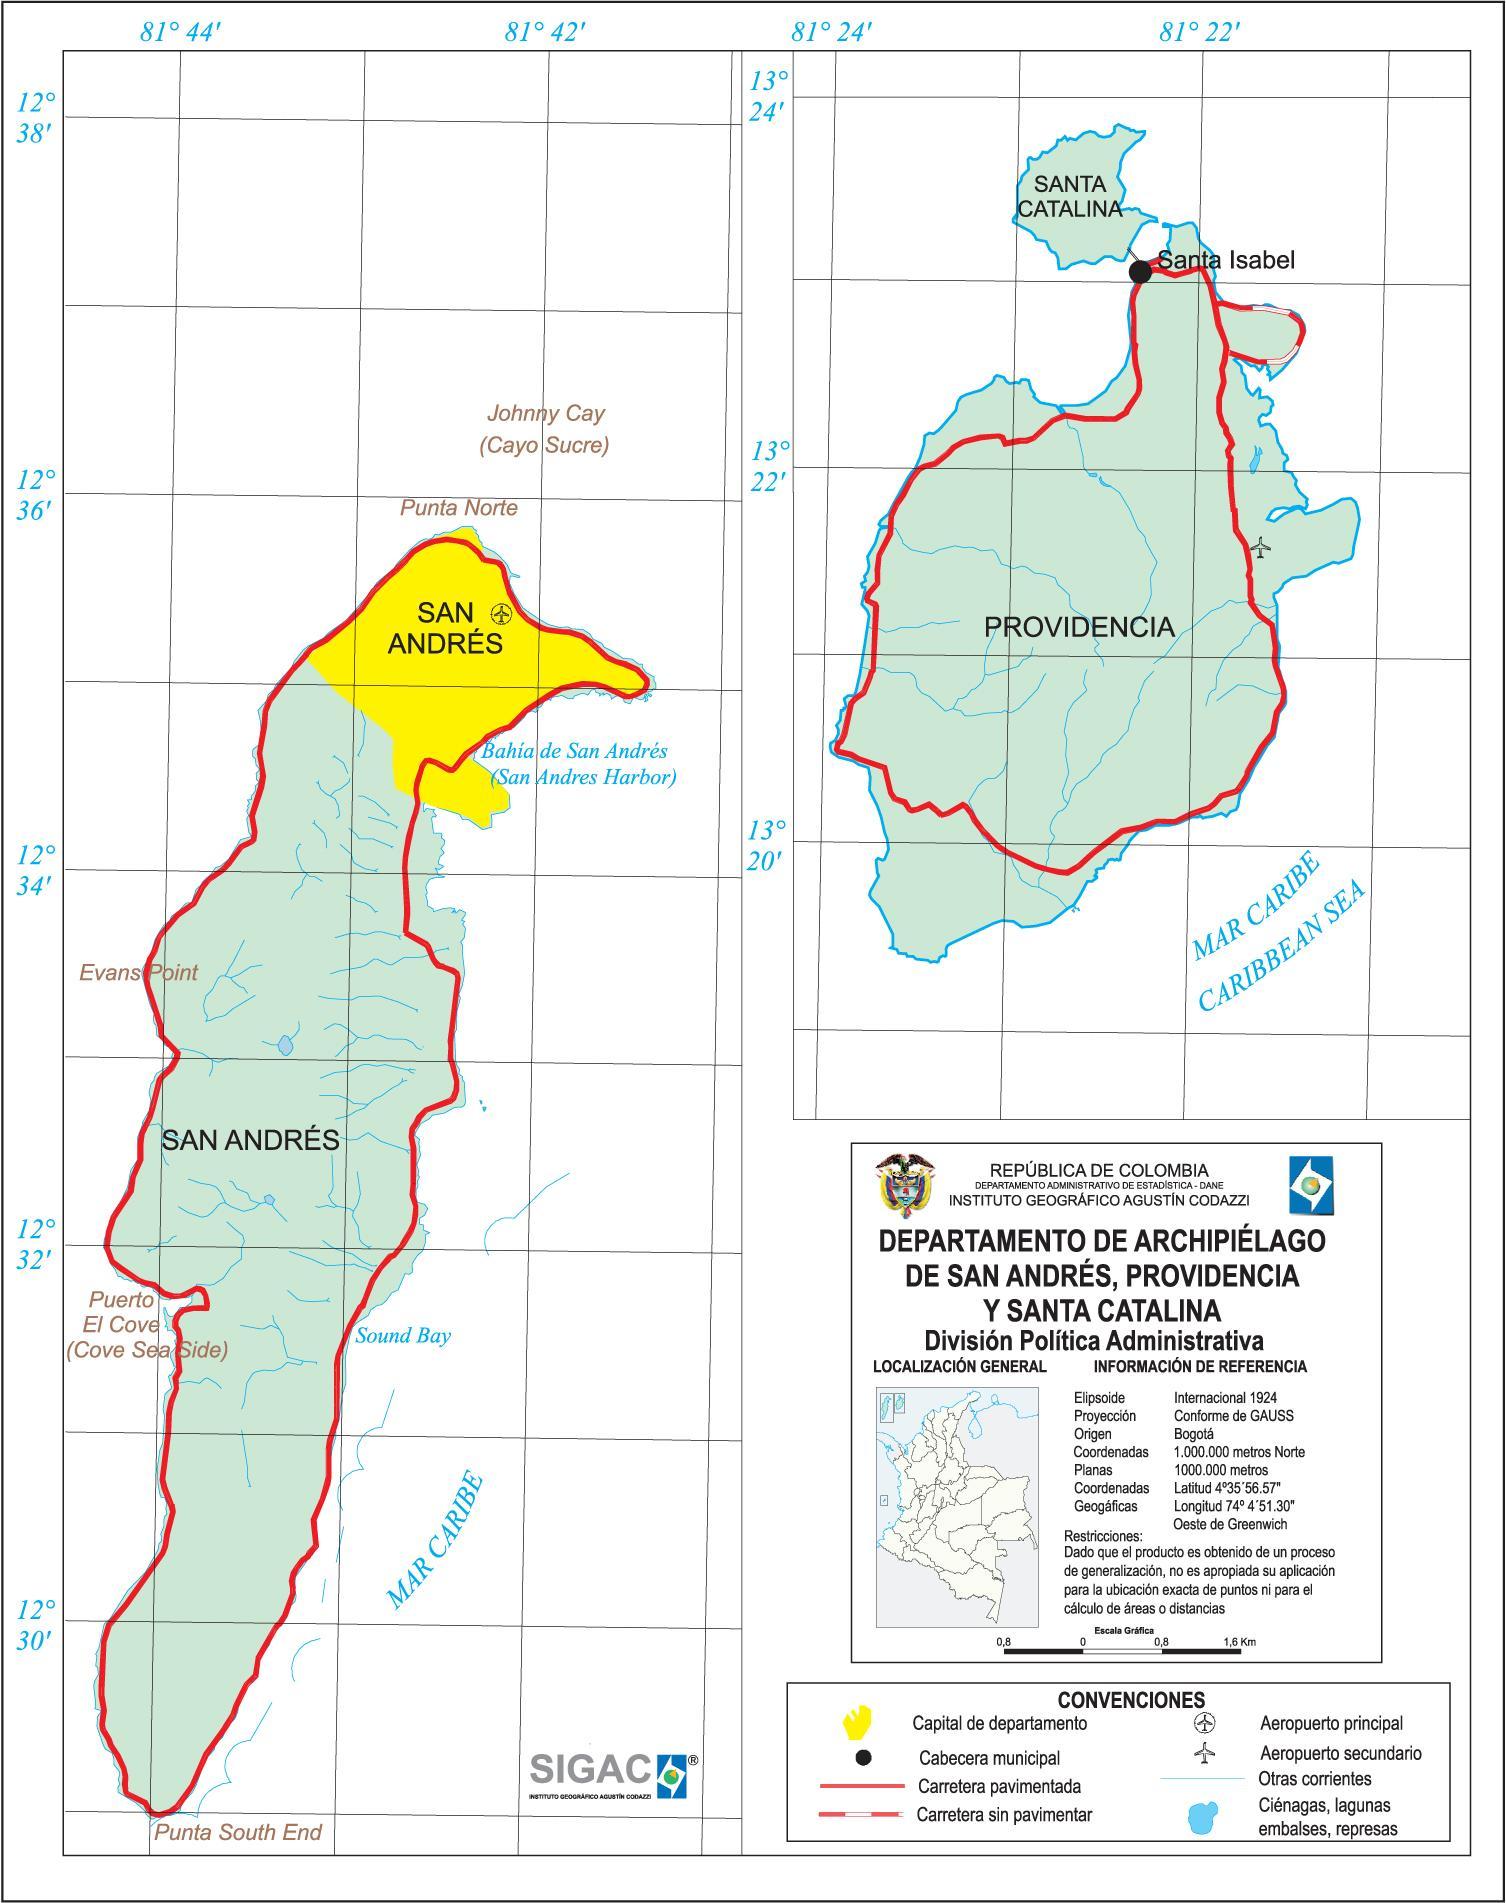 Mapa del Departamento de San Andrés y Providencia, Colombia